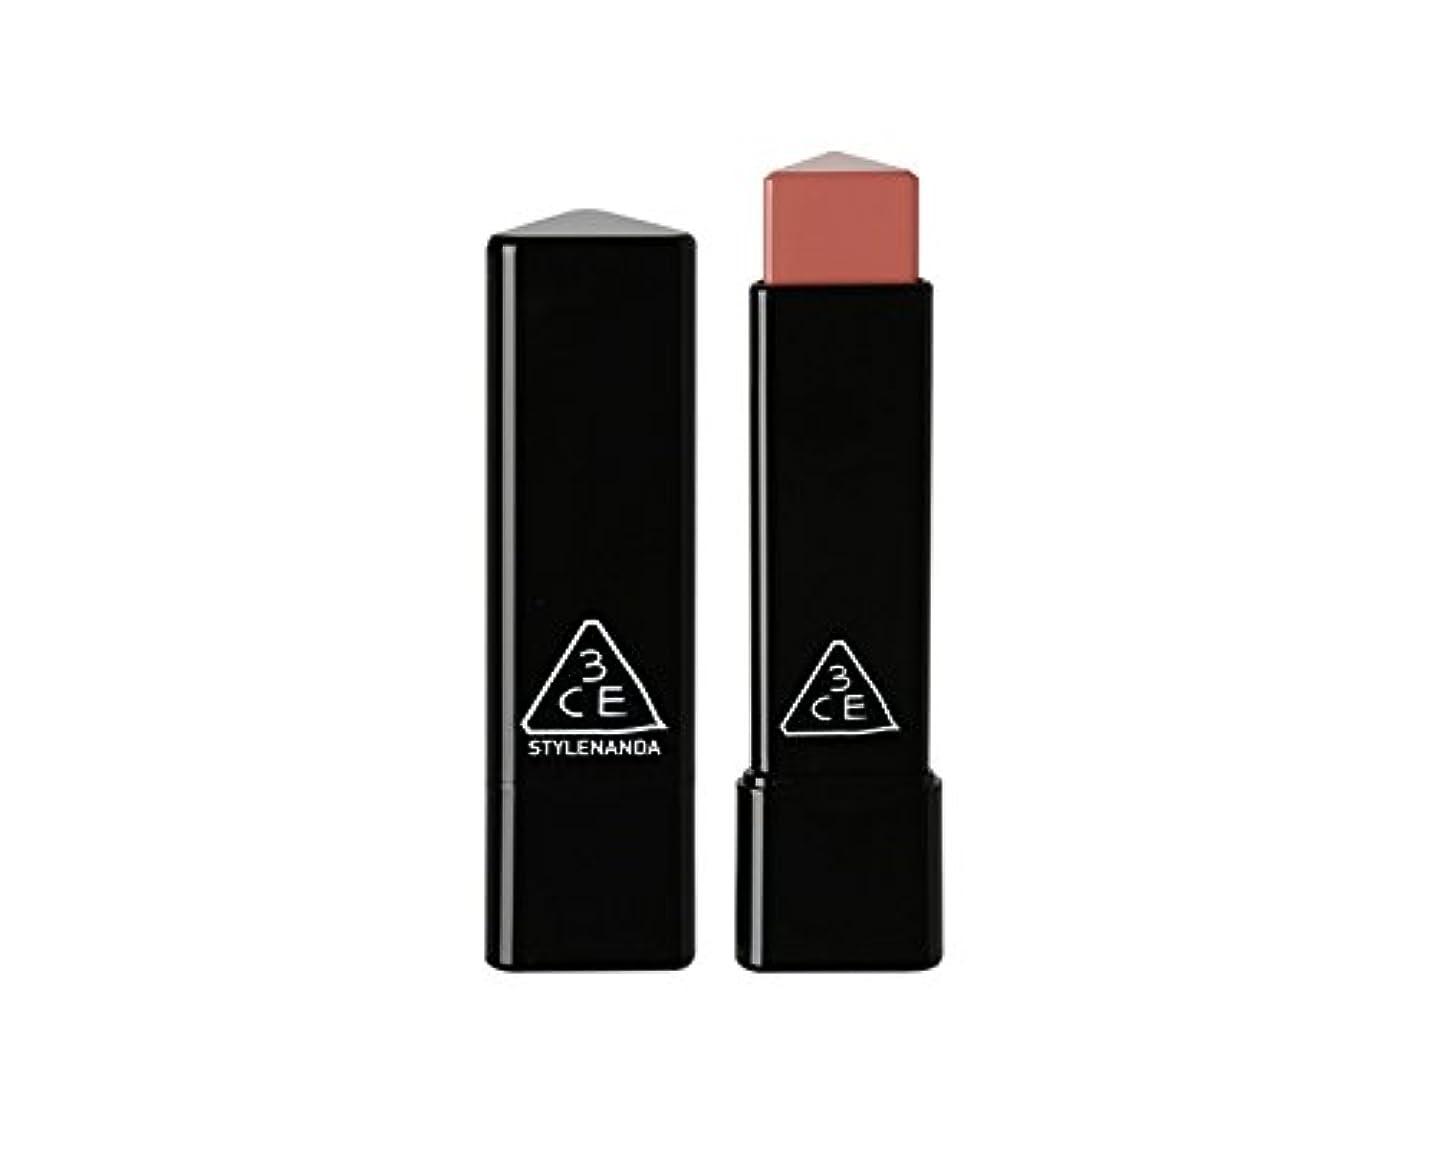 修道院半円エキゾチック3CE スロージャム三角形口紅 3 Concept Eyes Style Nanda Glow Jam Stick Triangle Lipstick (正品?海外直送品) (Longing)